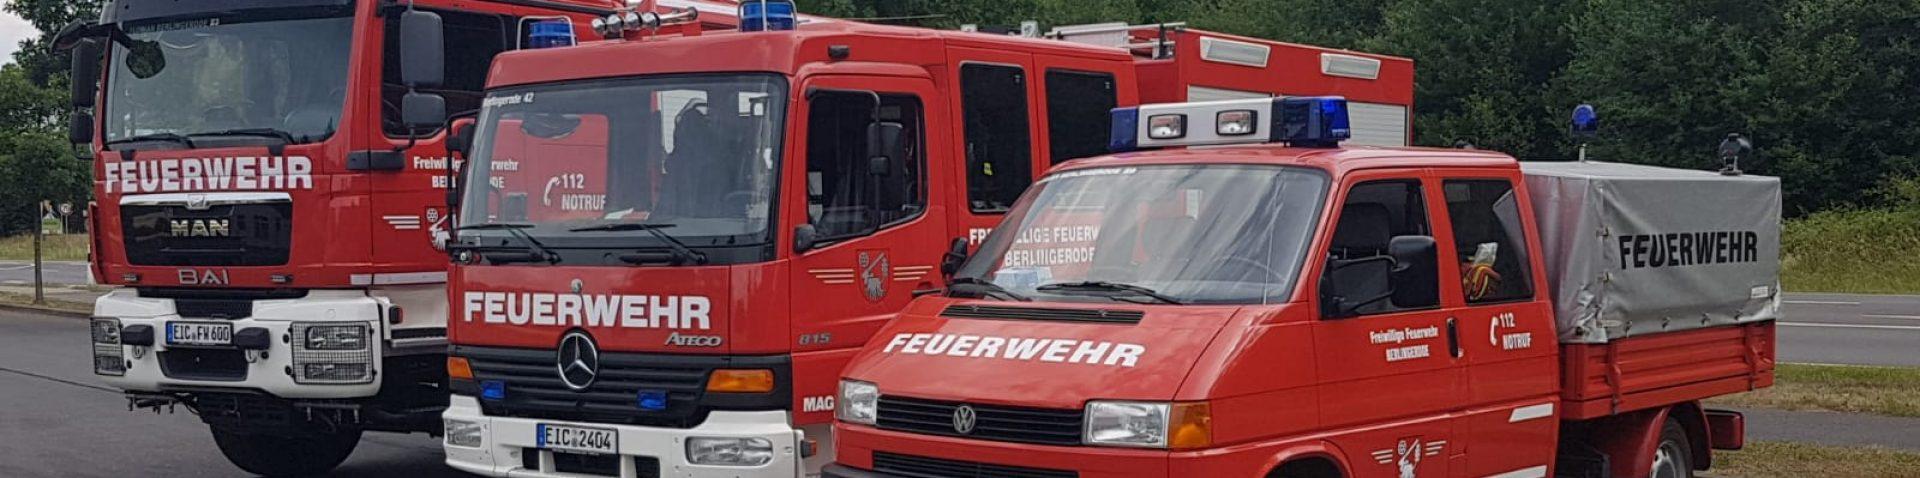 Freiwillige Feuerwehr Berlingerode